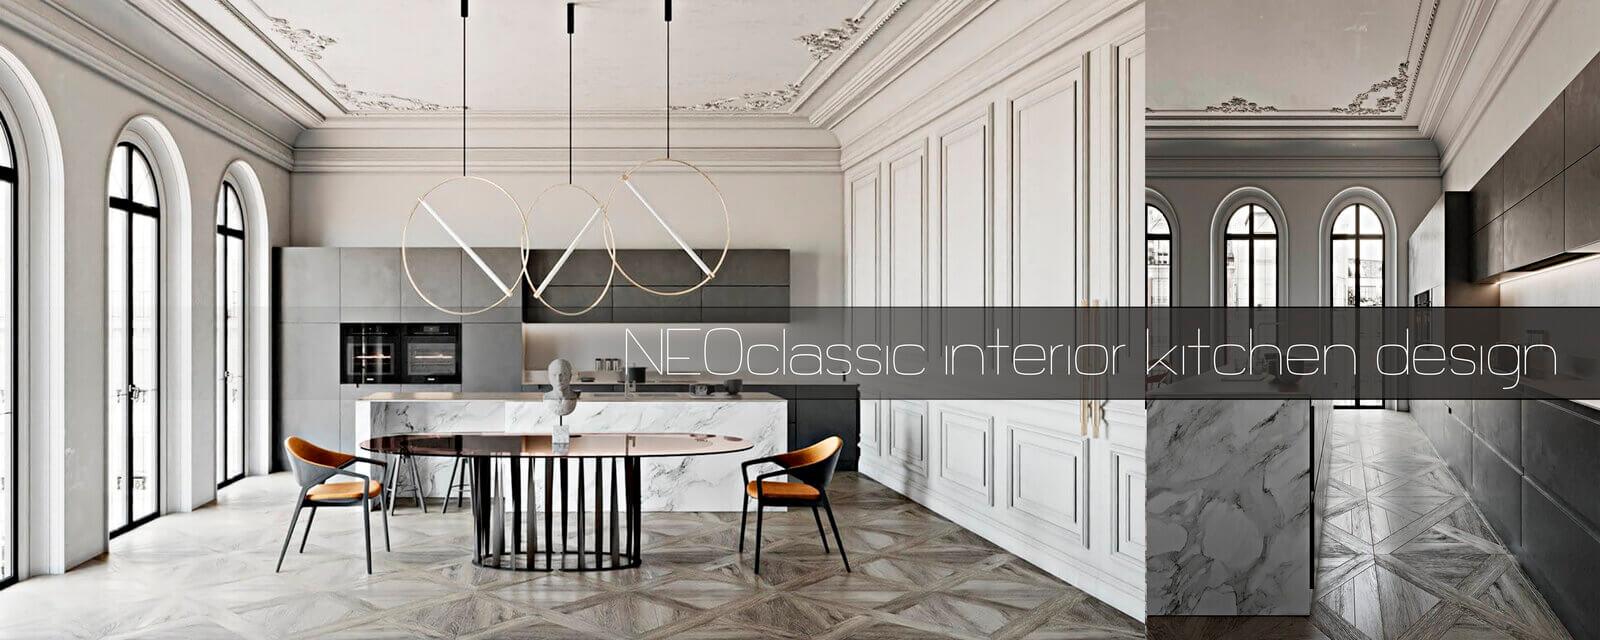 Neoclassic Interior | Kitchen